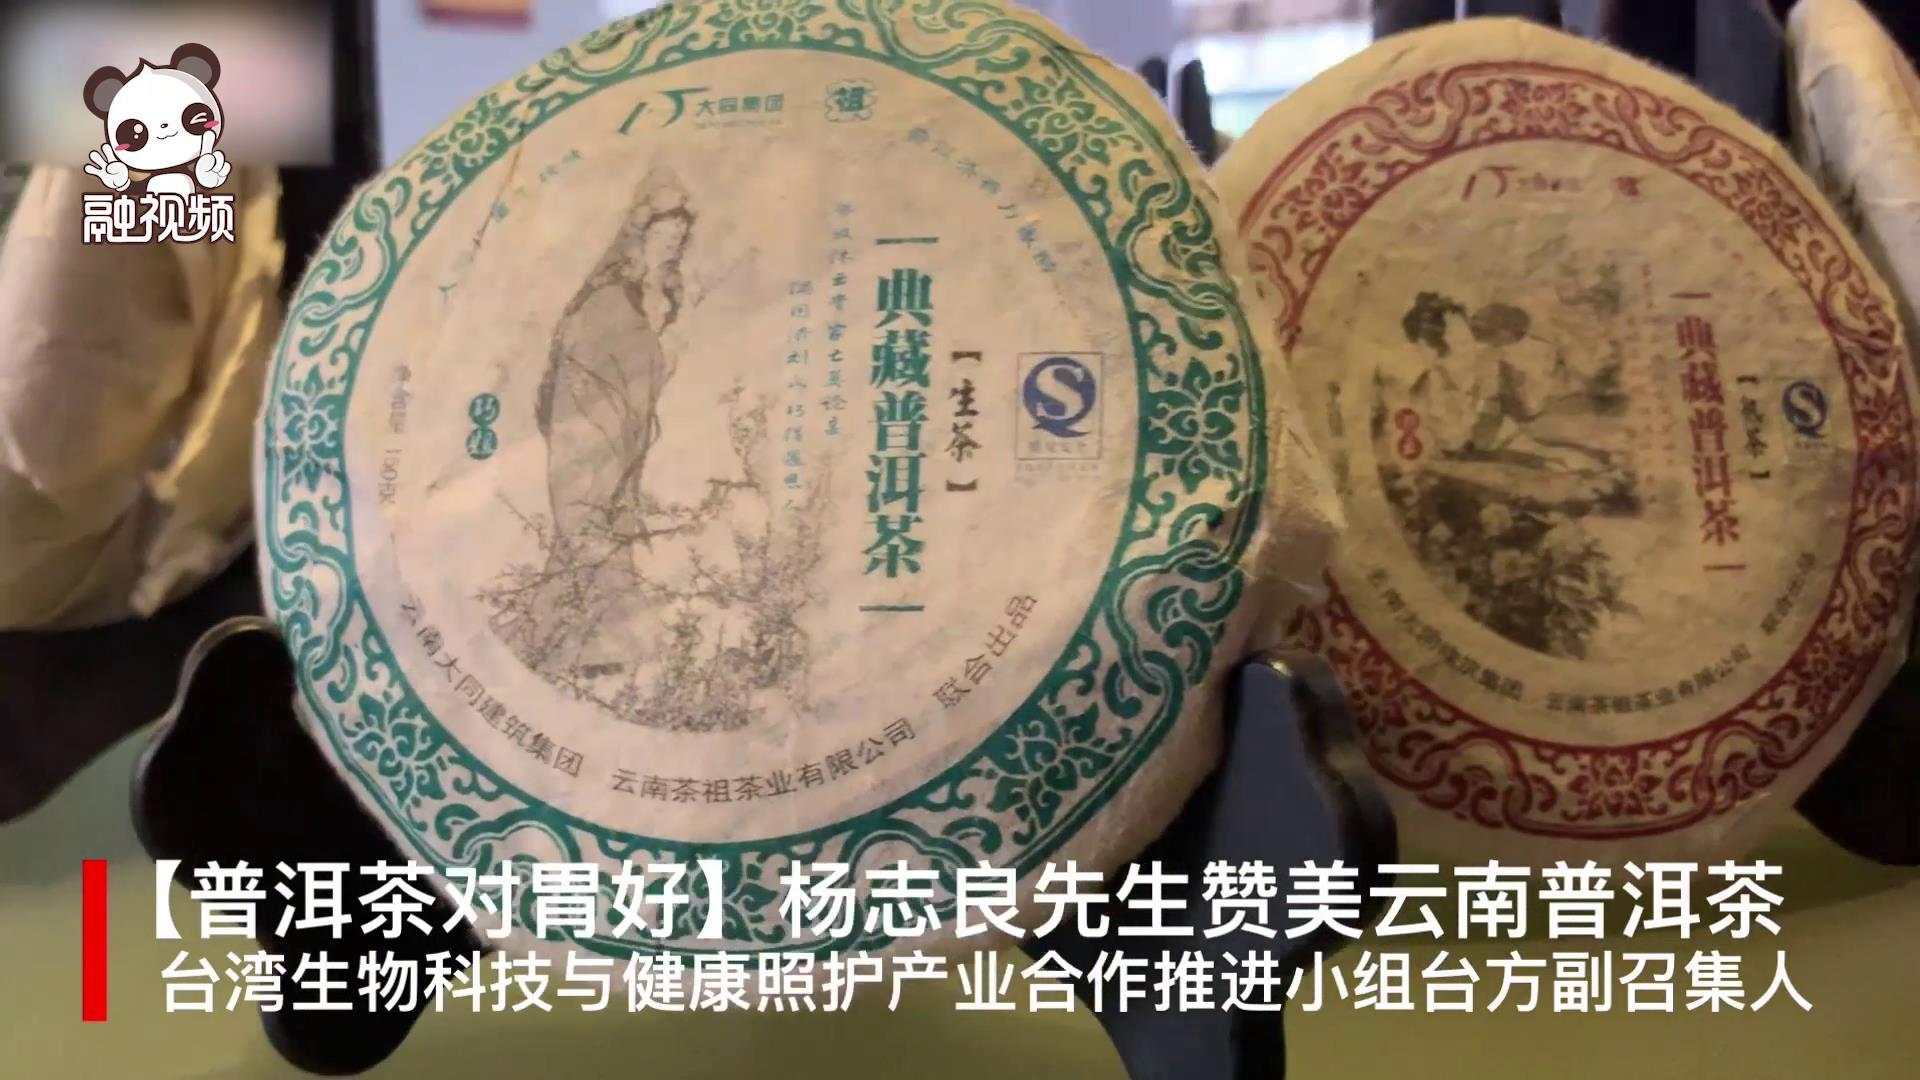 台湾卫生领域专家杨志良先生点赞云南普洱茶图片